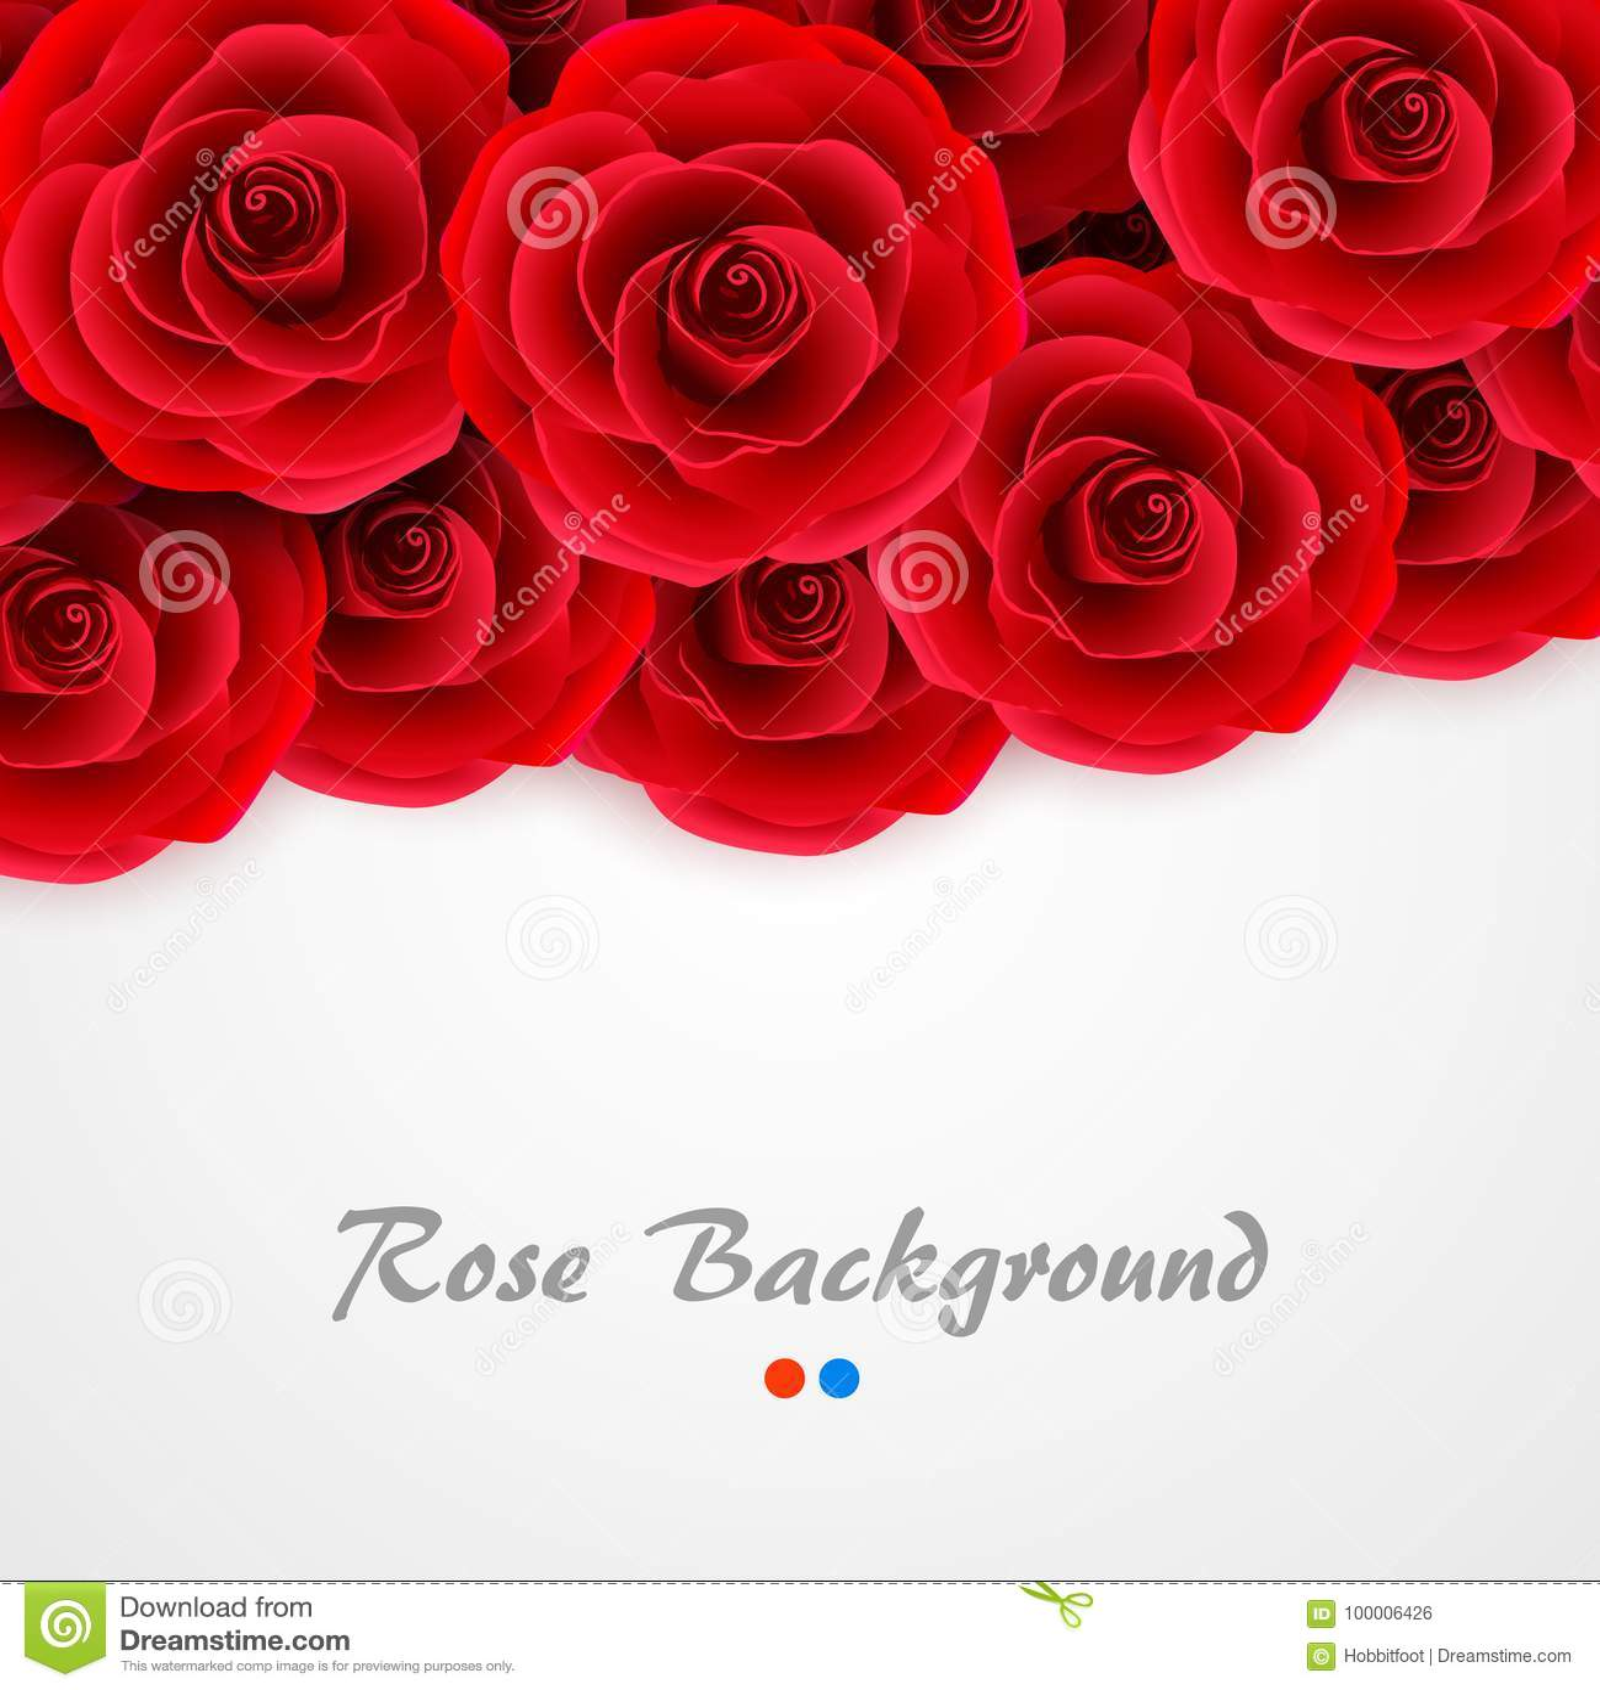 Fond Rouge De Roses Couverture De Rose Pour Epouser L Invitation La